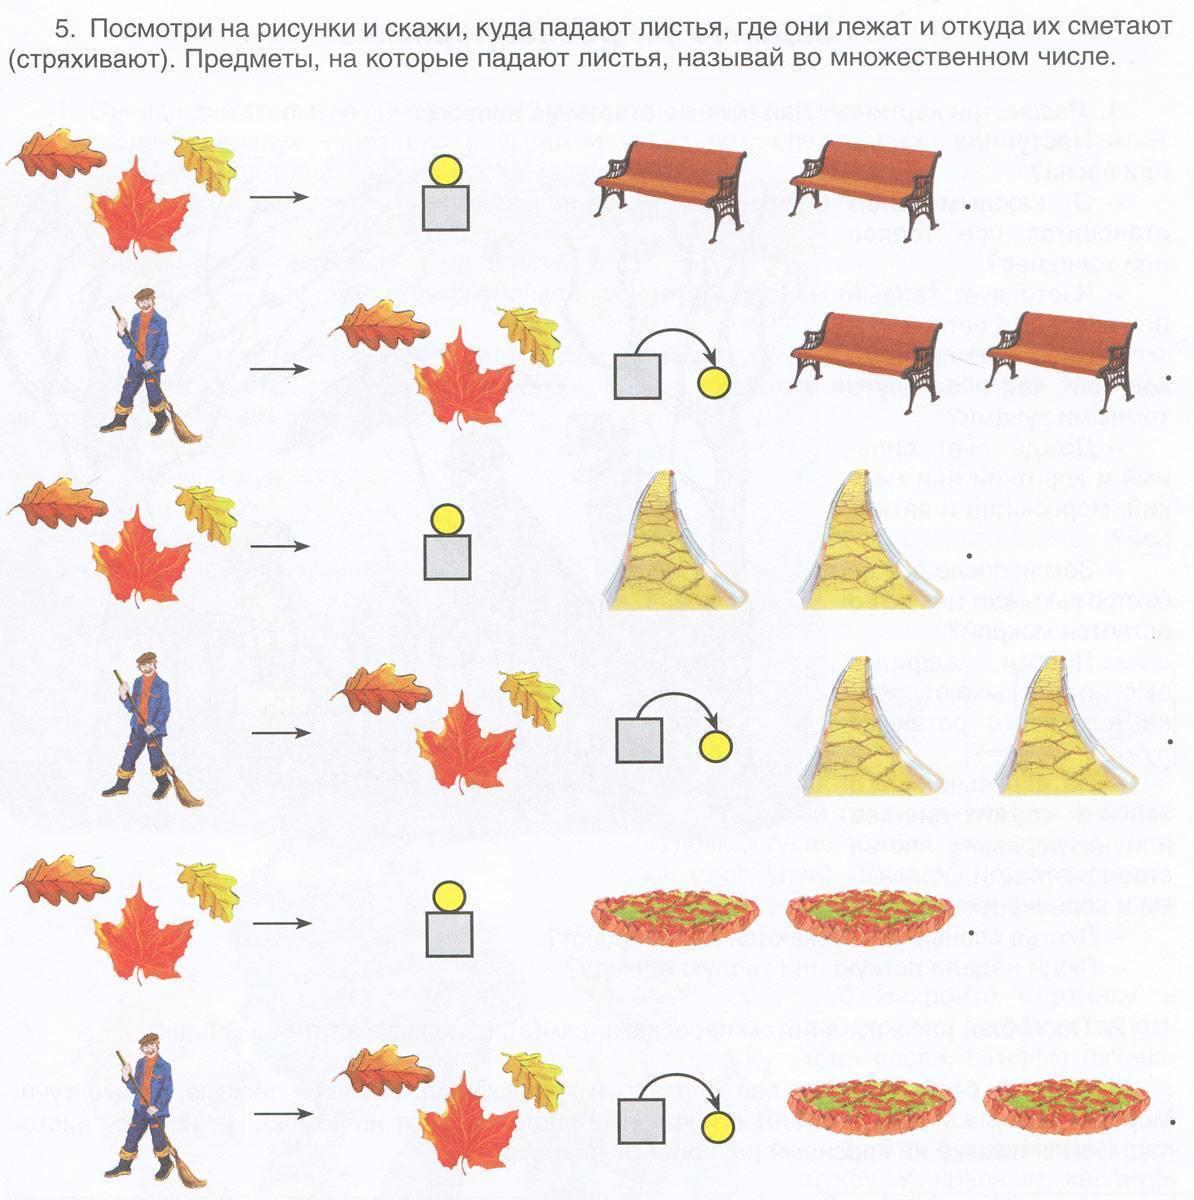 Логопедические занятия для детей 5-6 лет: упражнения для дома, игры, видео и стихи